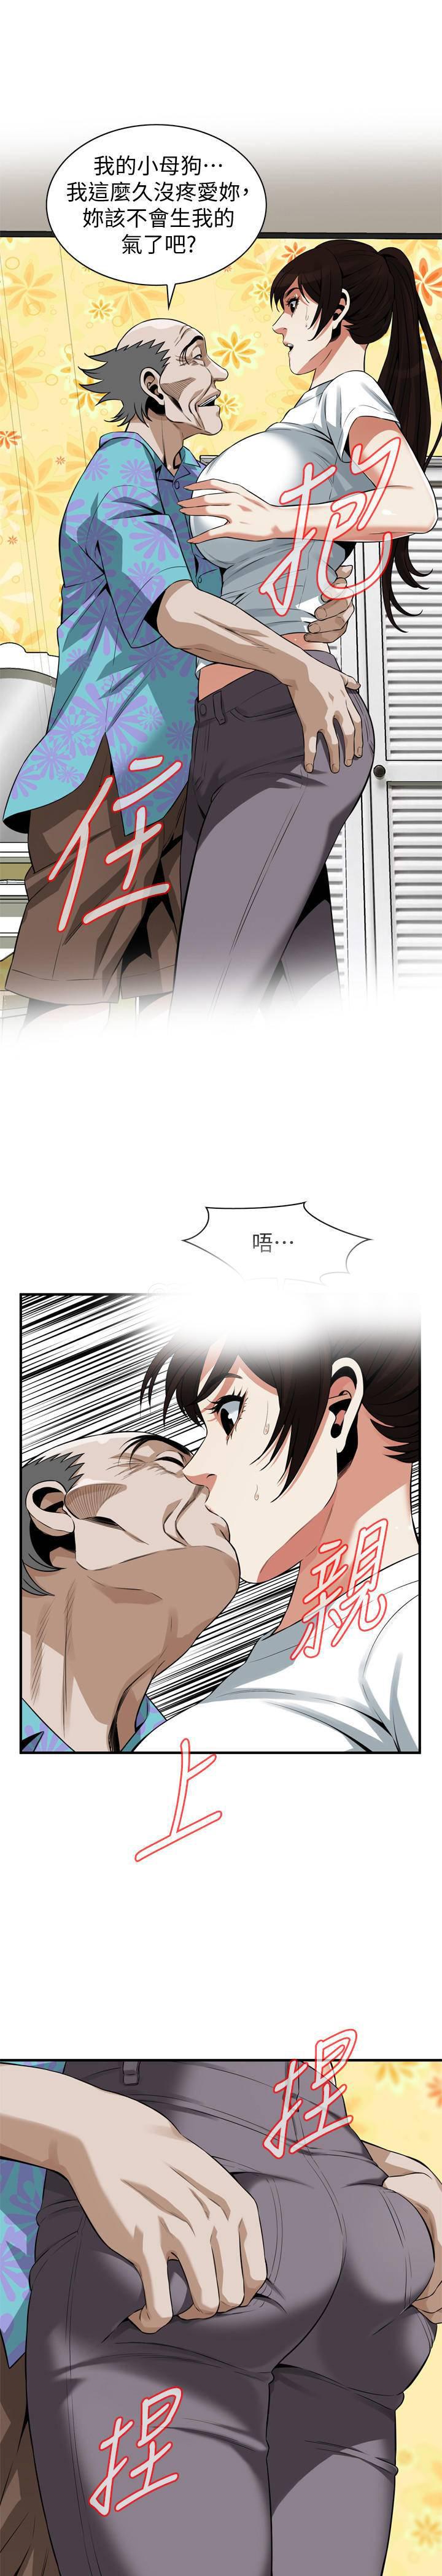 恋爱韩漫:窥视者3 第75话 -天狐阅读